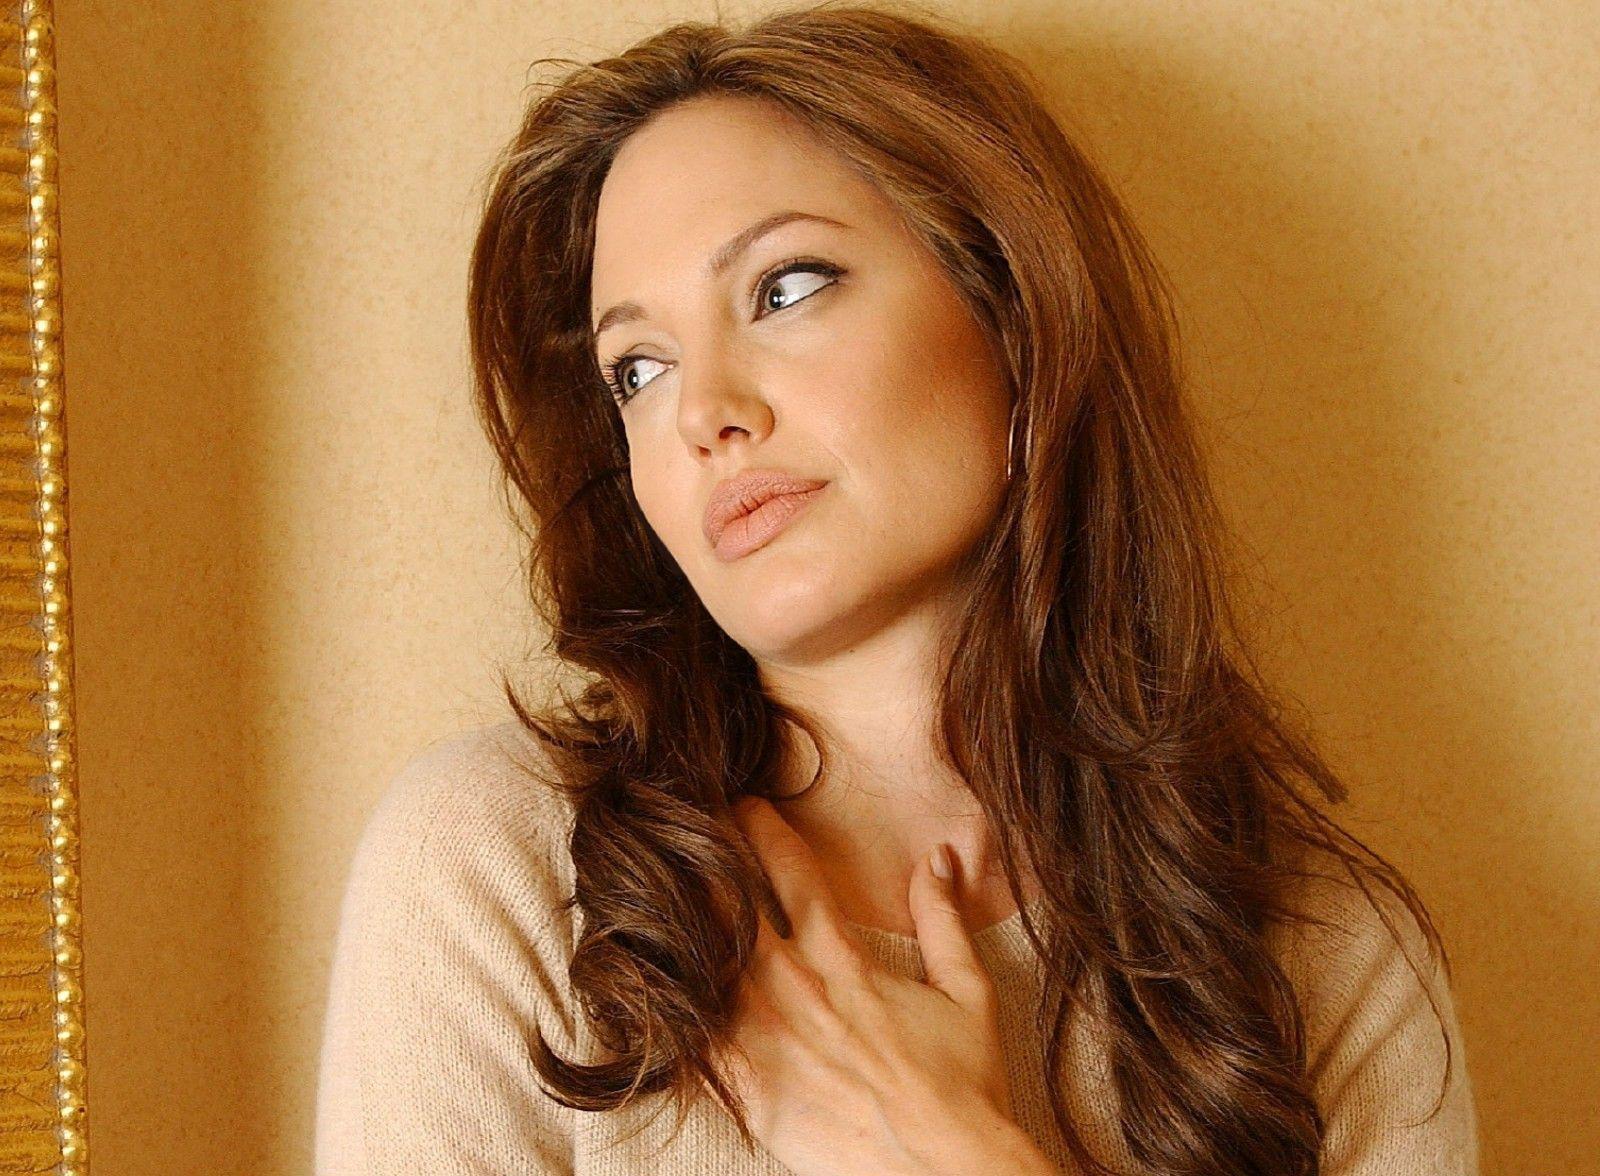 Angelina Jolie -Amazing Look Wallpapers - 1600x1200 - 218362